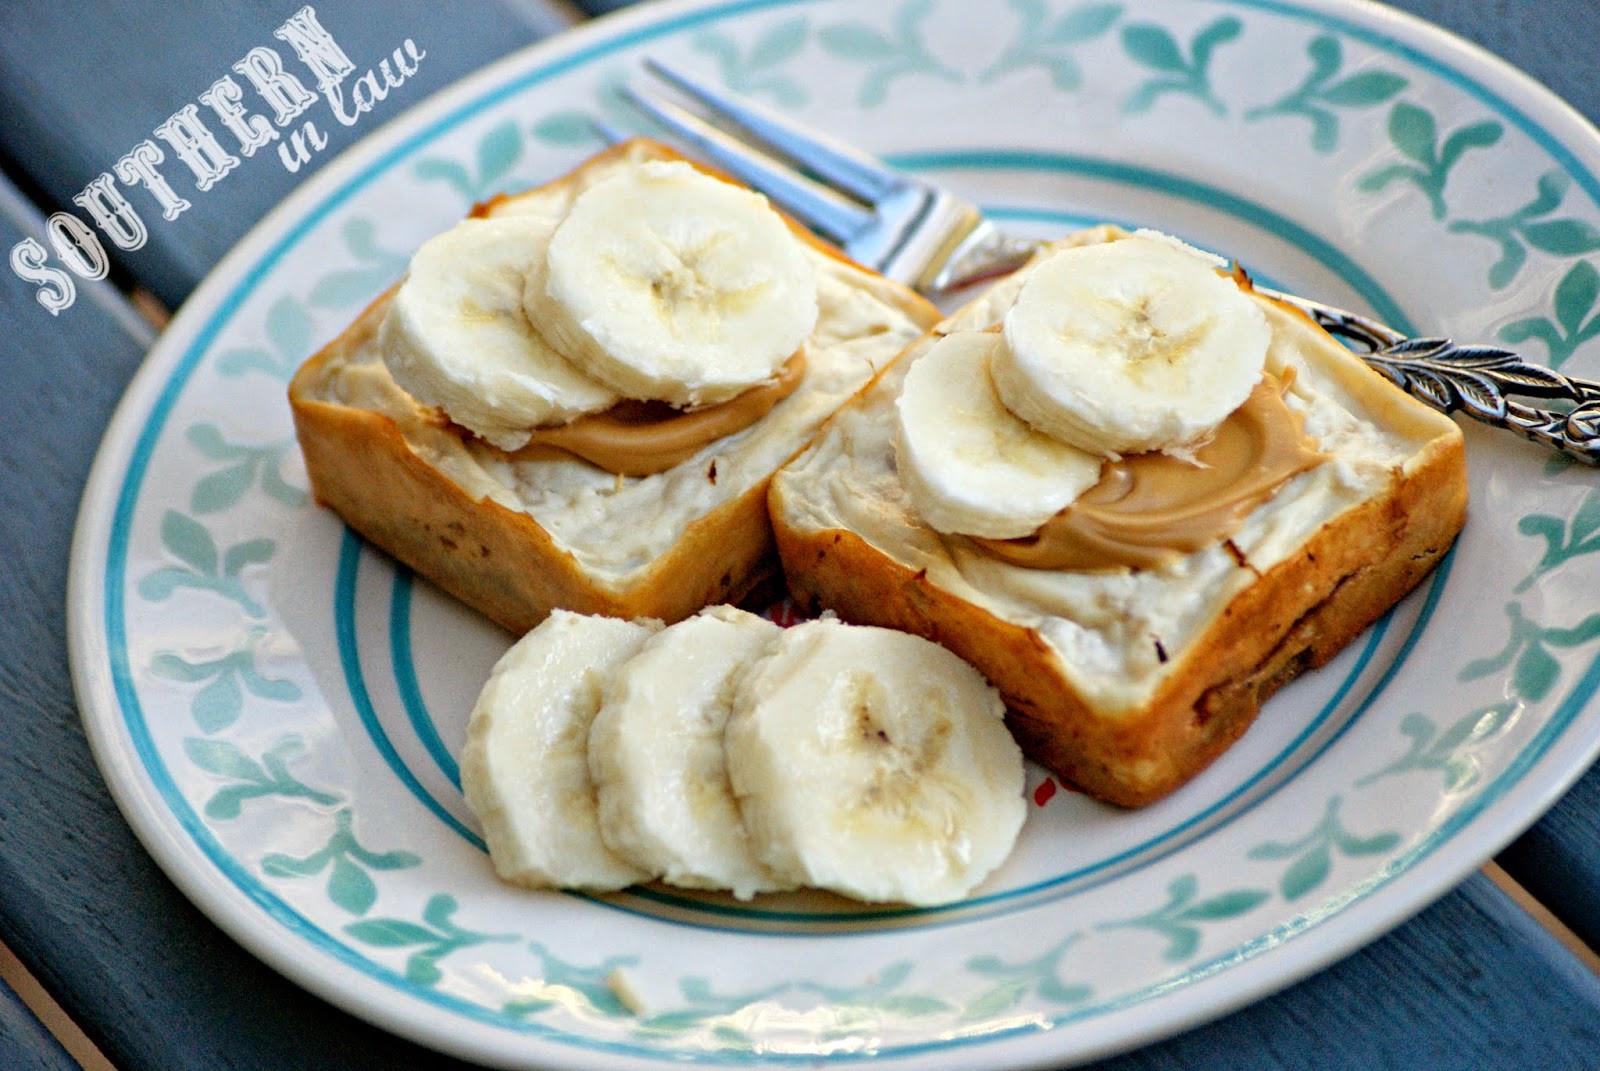 Healthy Banana Recipes For Breakfast  Southern In Law Recipe Mini Baked Banana Cheesecakes so